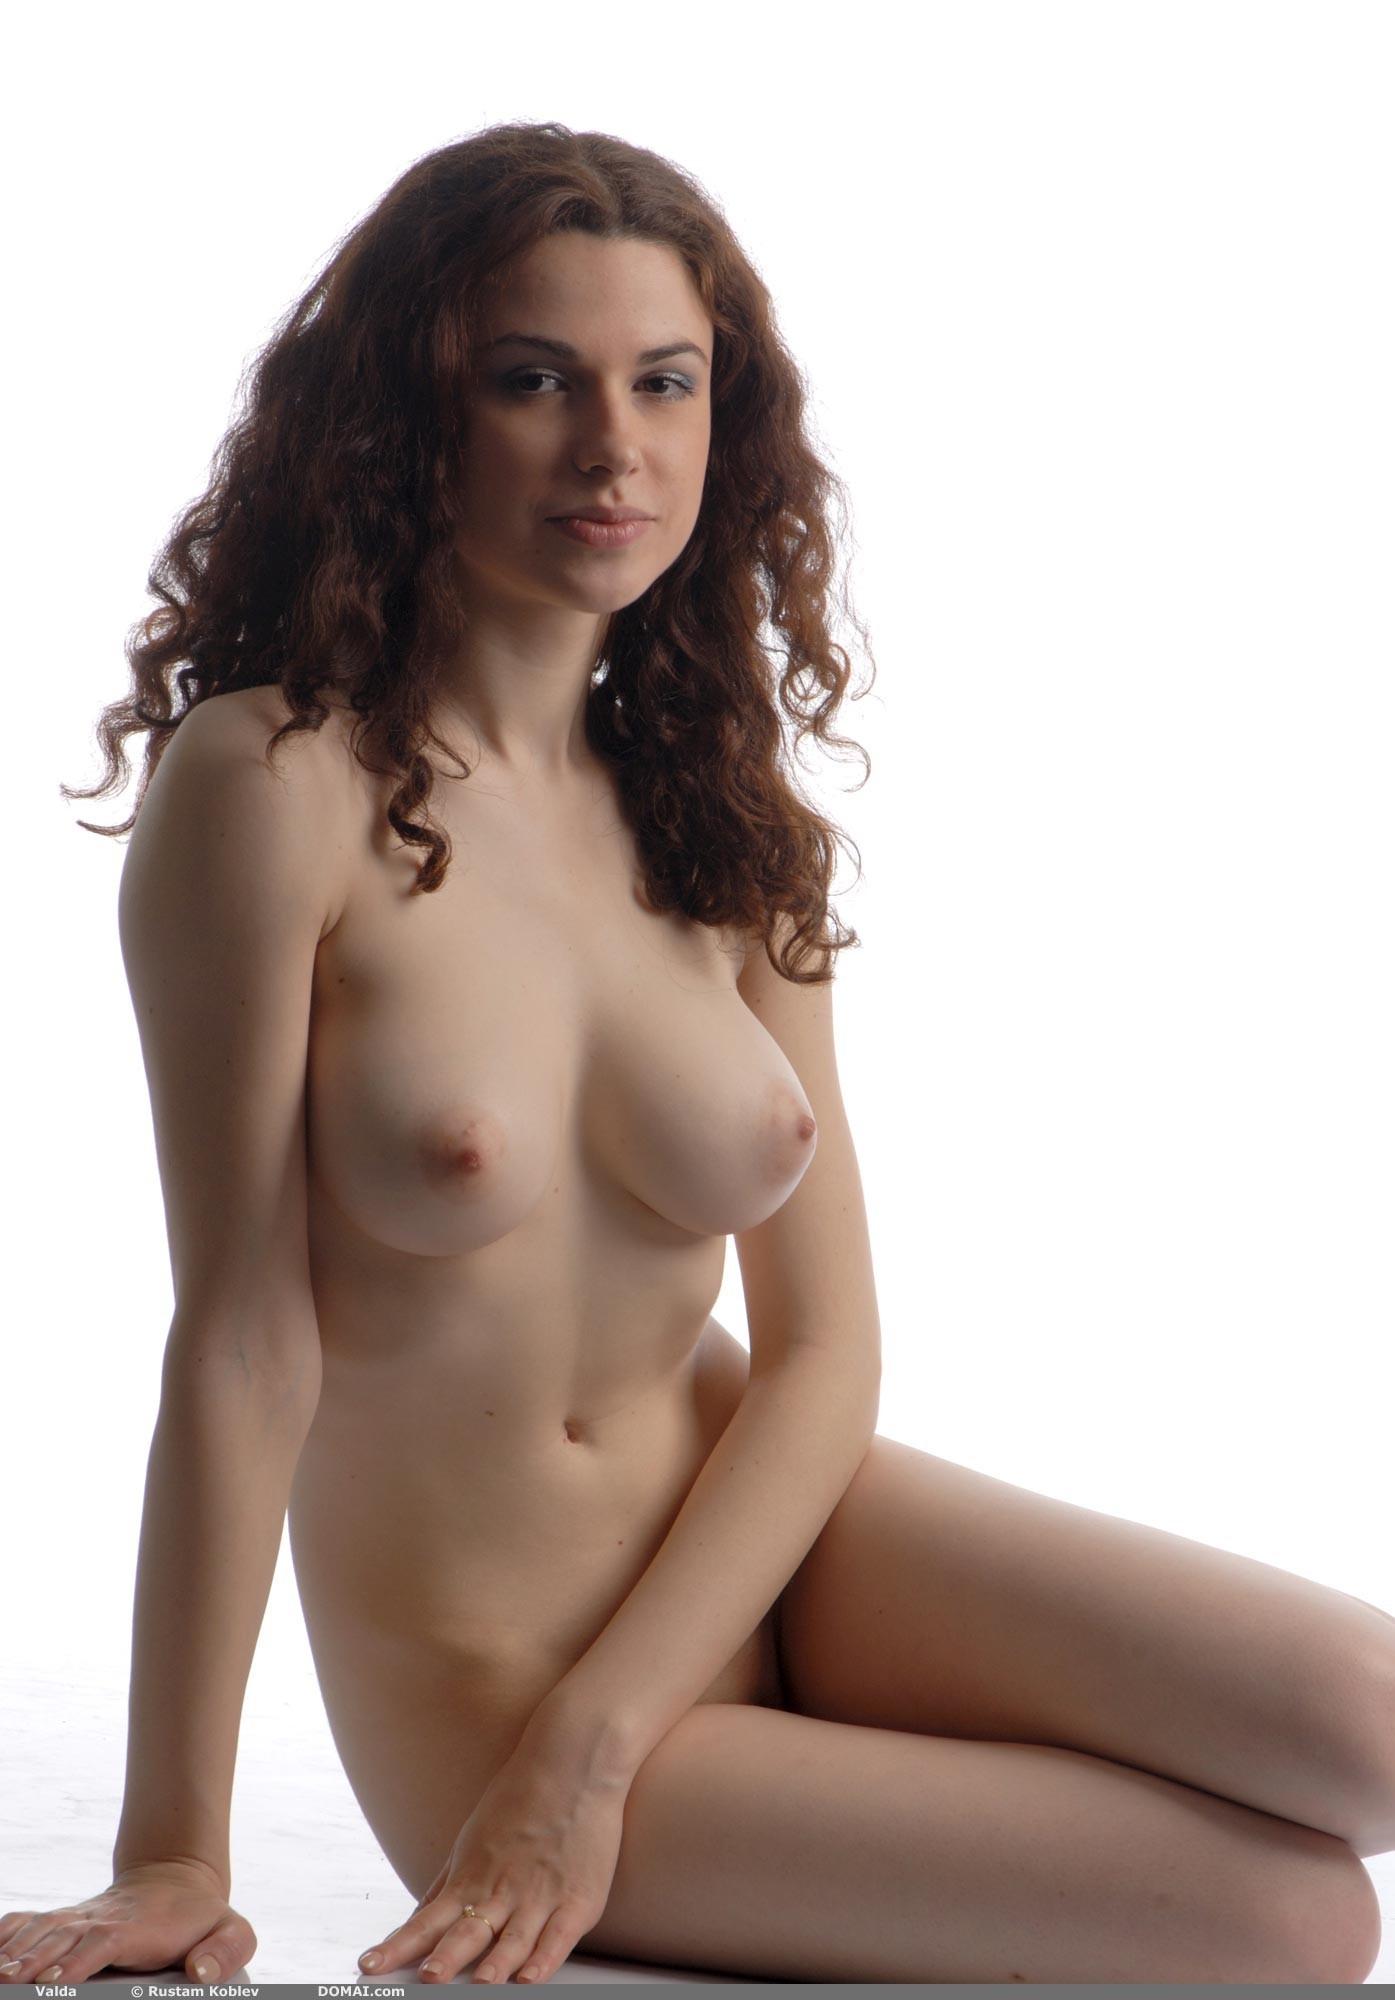 Female hobo nude